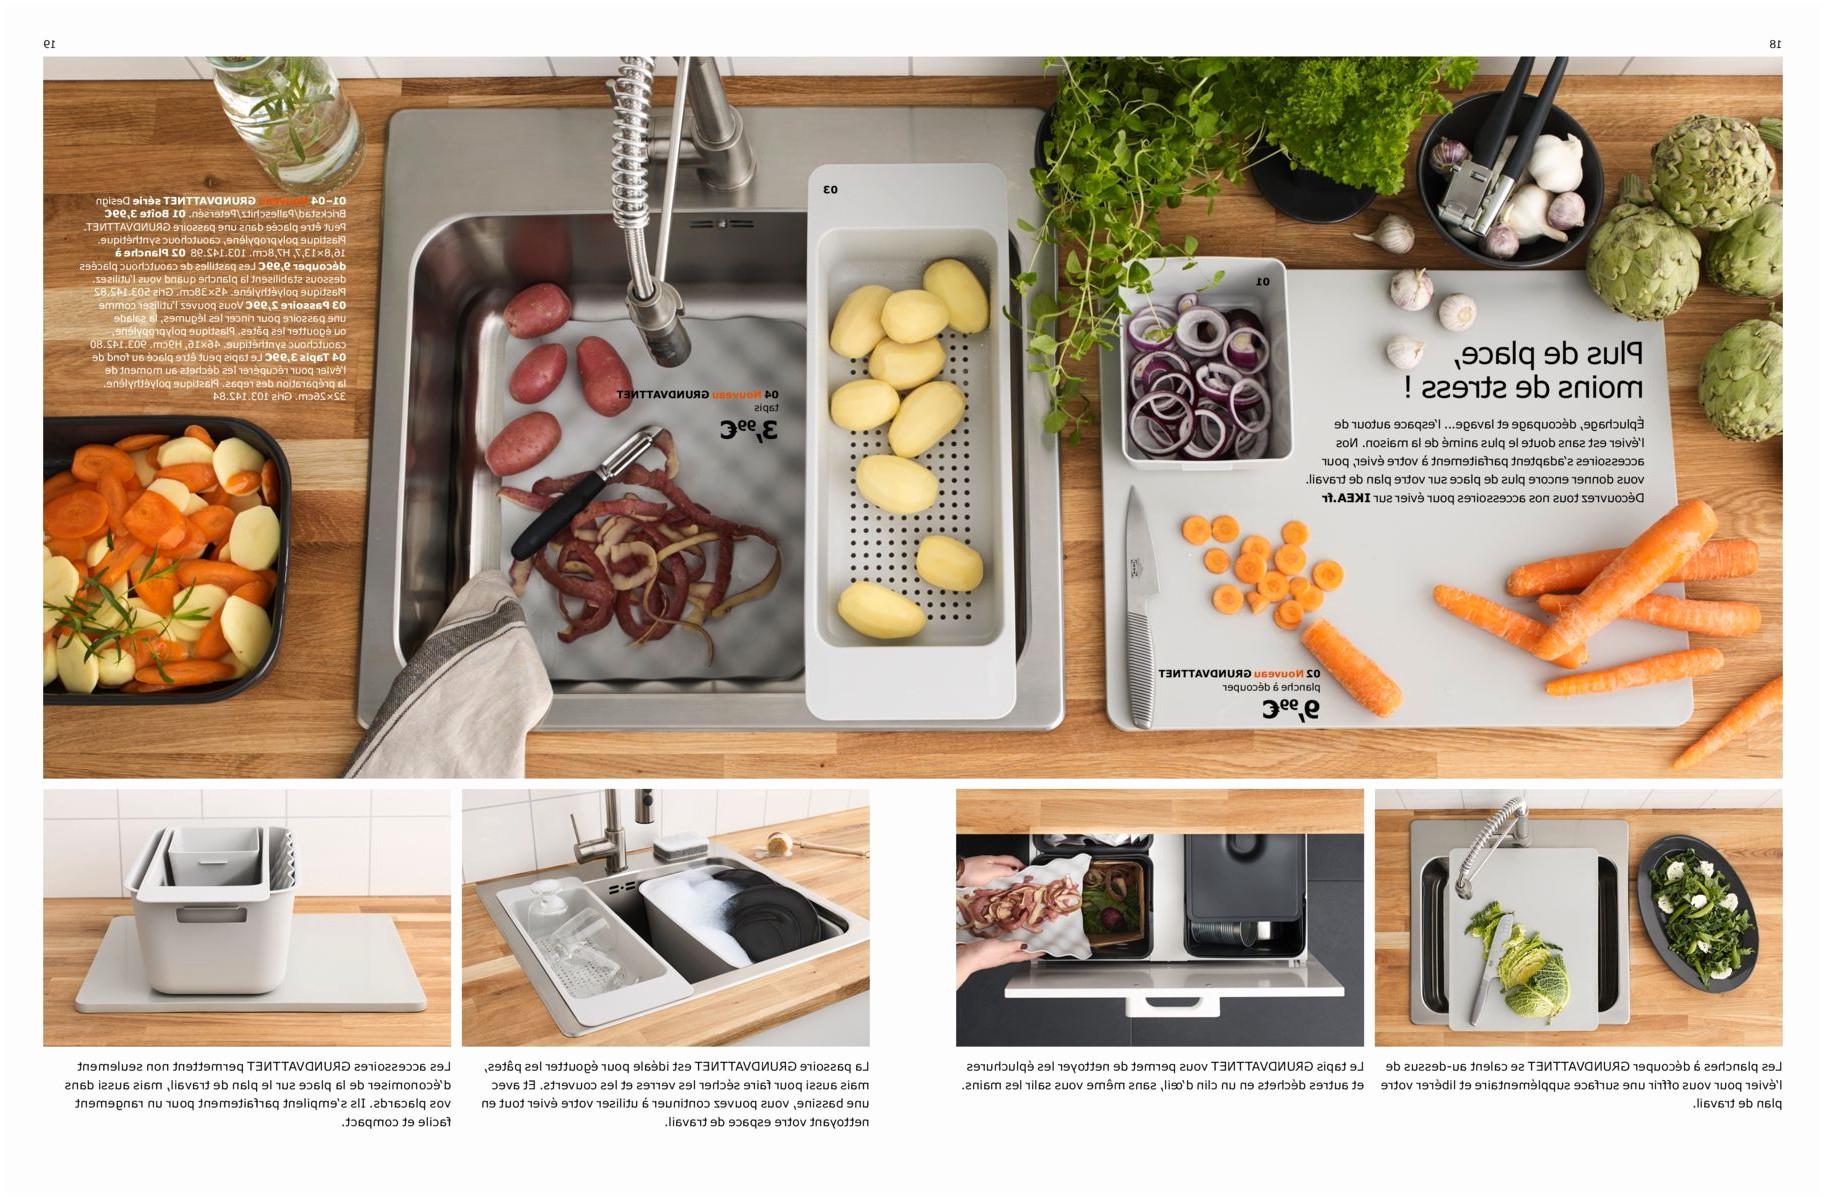 Tapis Evier Ikea Luxe Images Tapis Evier Ikea Frais 27 Frais Graphie De Evier Cuisine Ikea